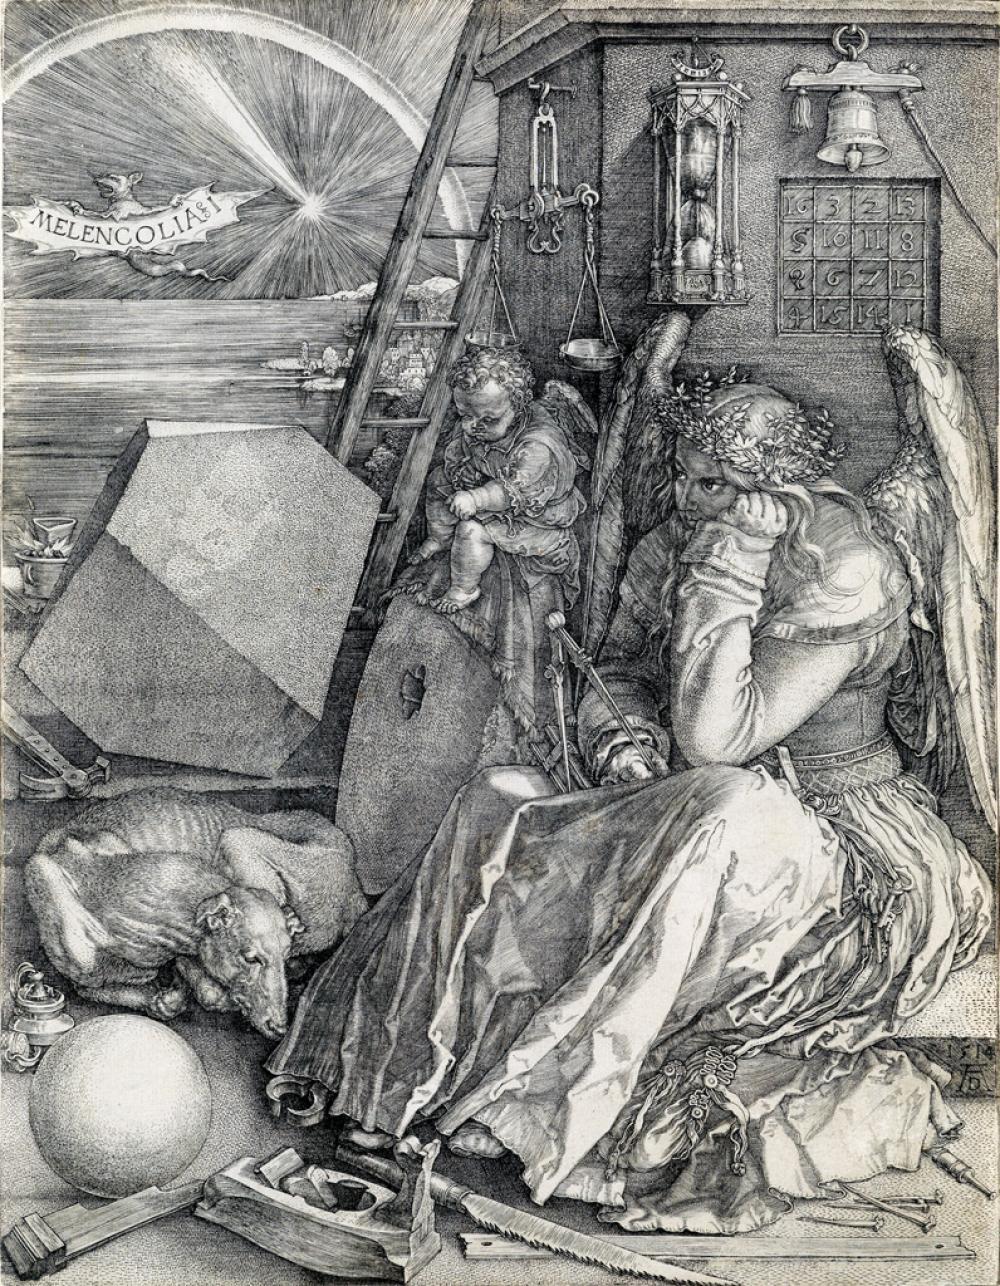 ALBRECHT DÜRER Melencolia I.